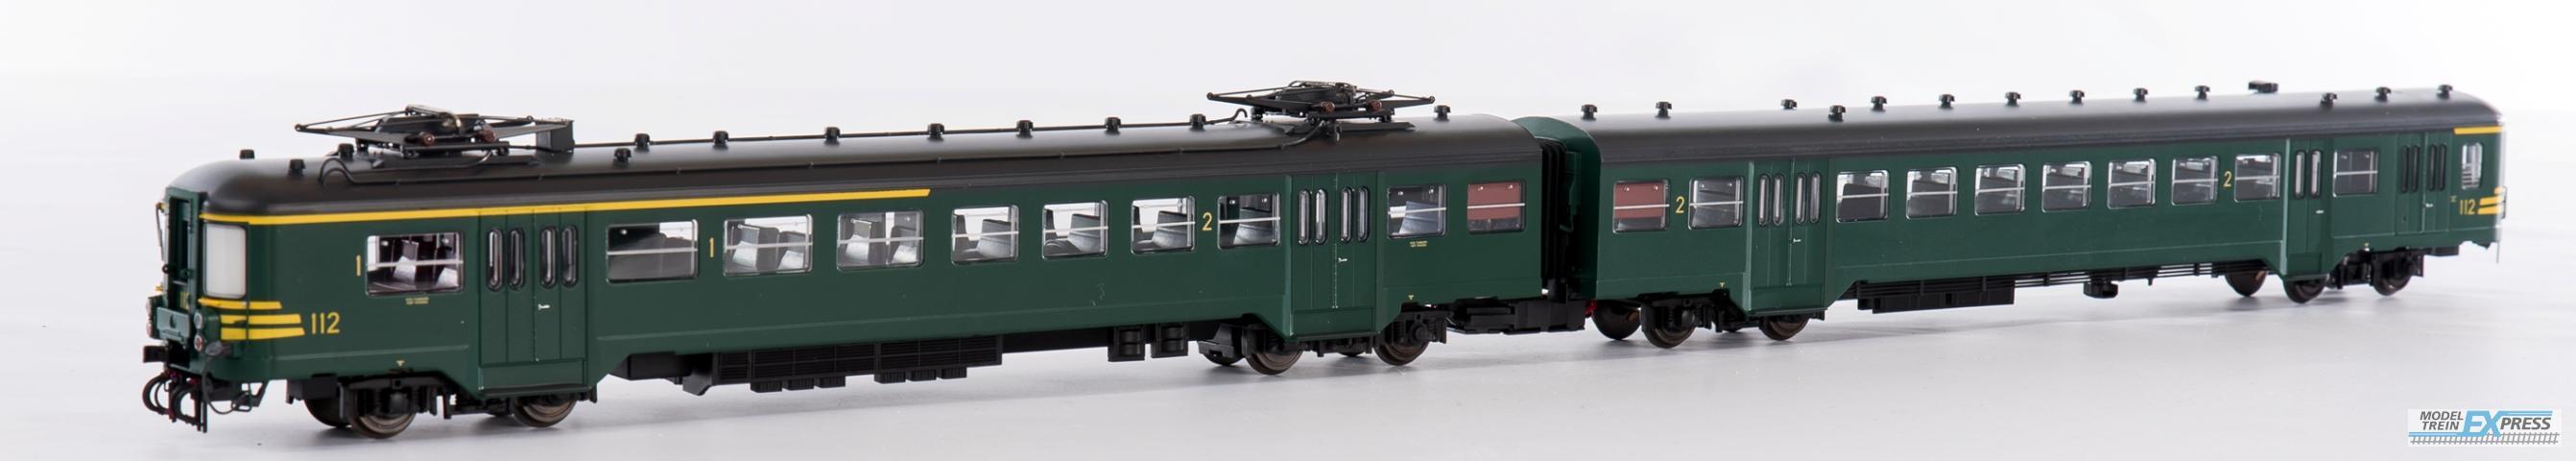 B-Models 7002.05